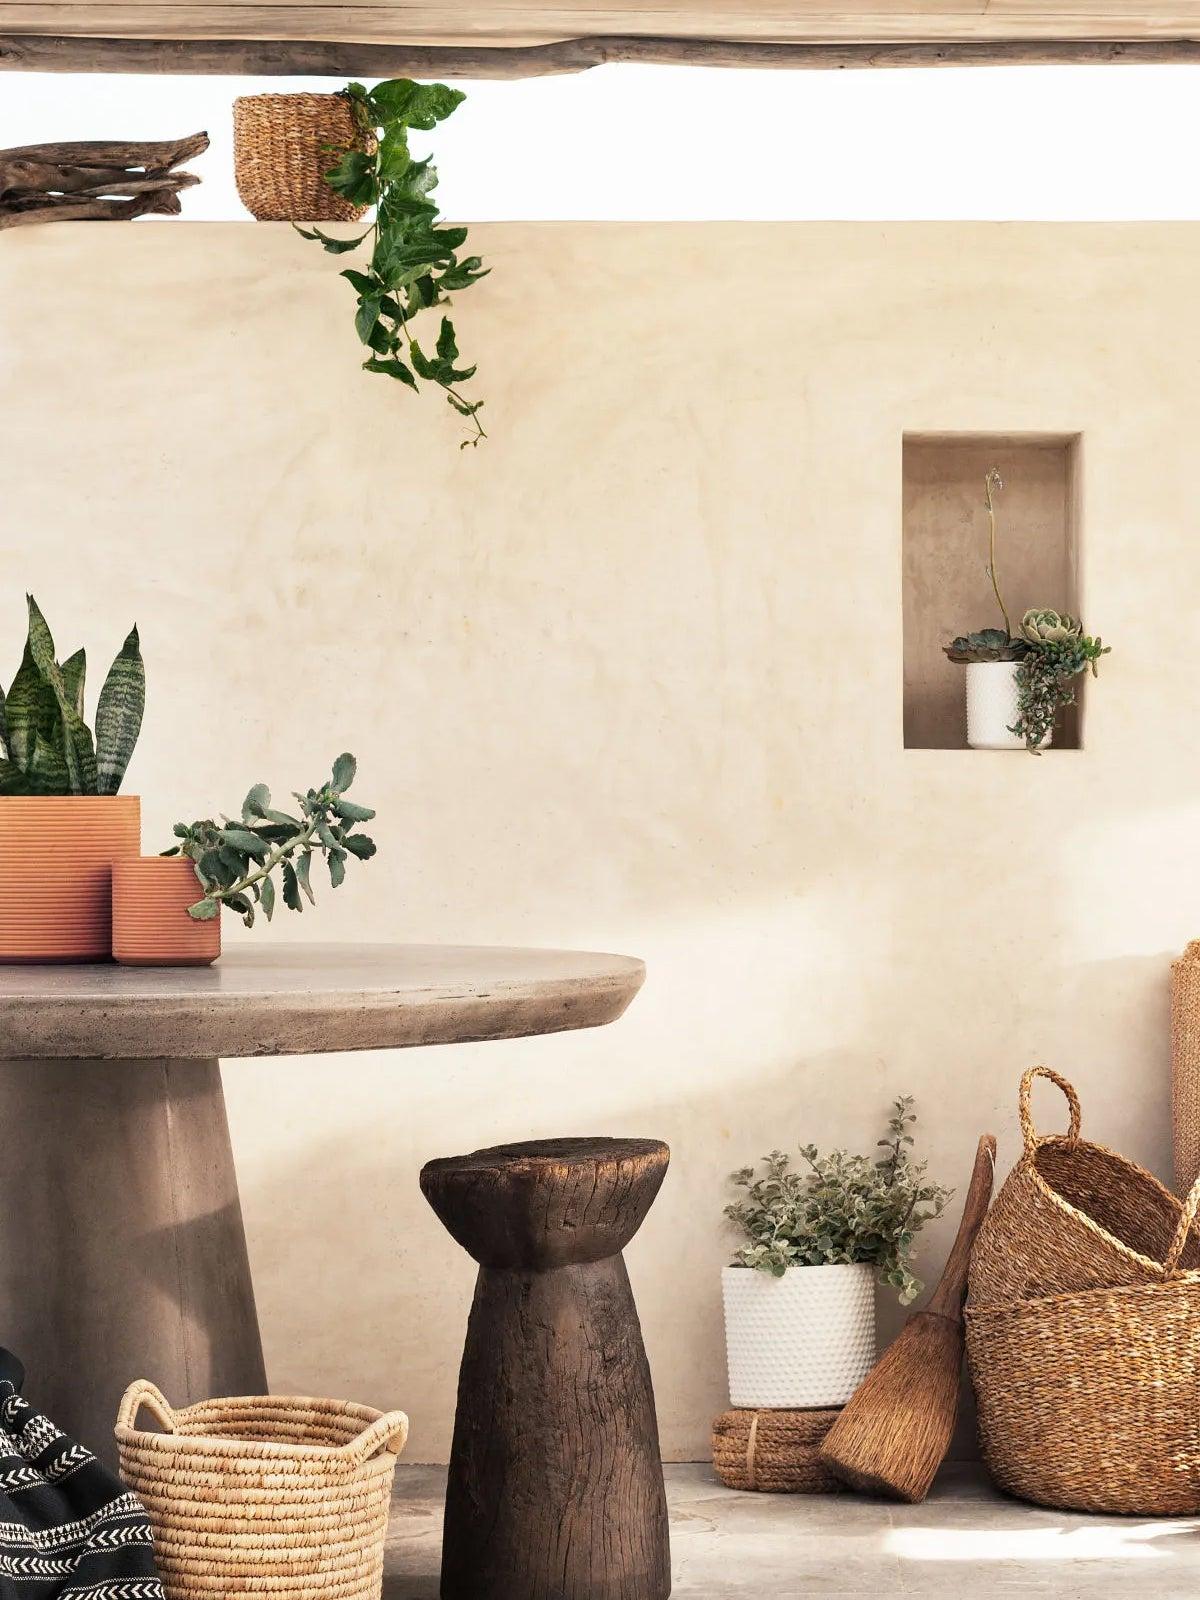 terracotta-planters-domino